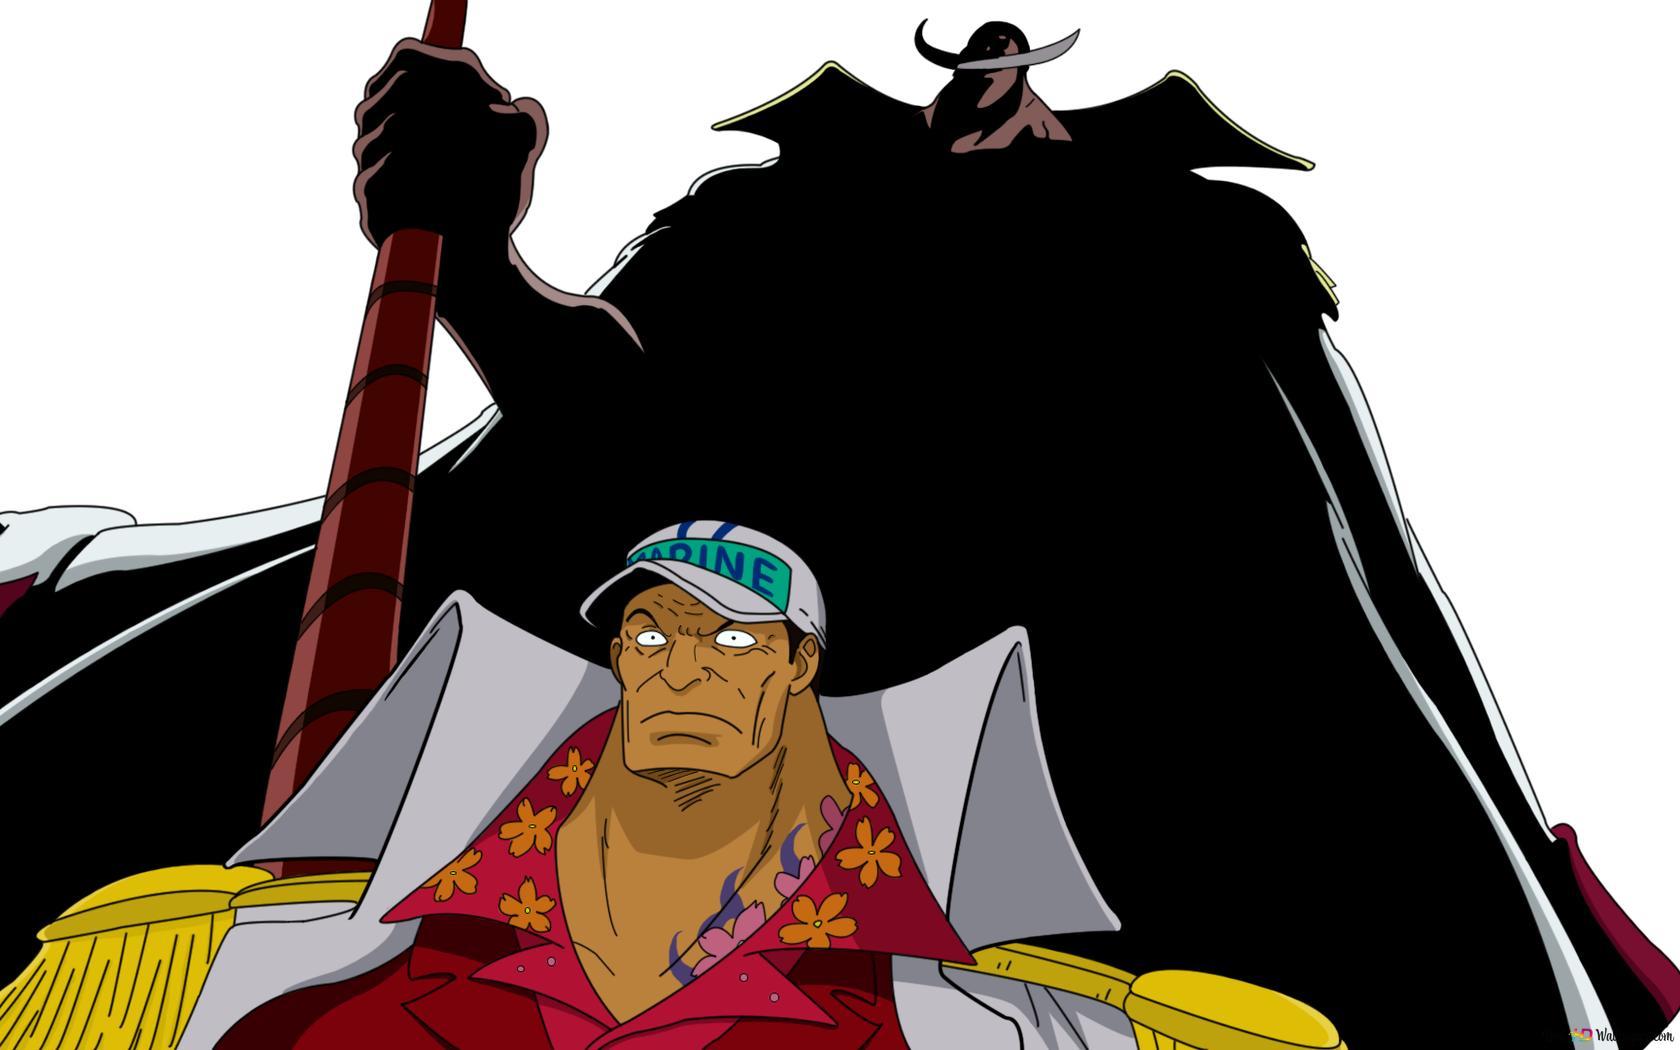 One Piece Whitebeard Edward Newgate Akainu Hd Wallpaper Download